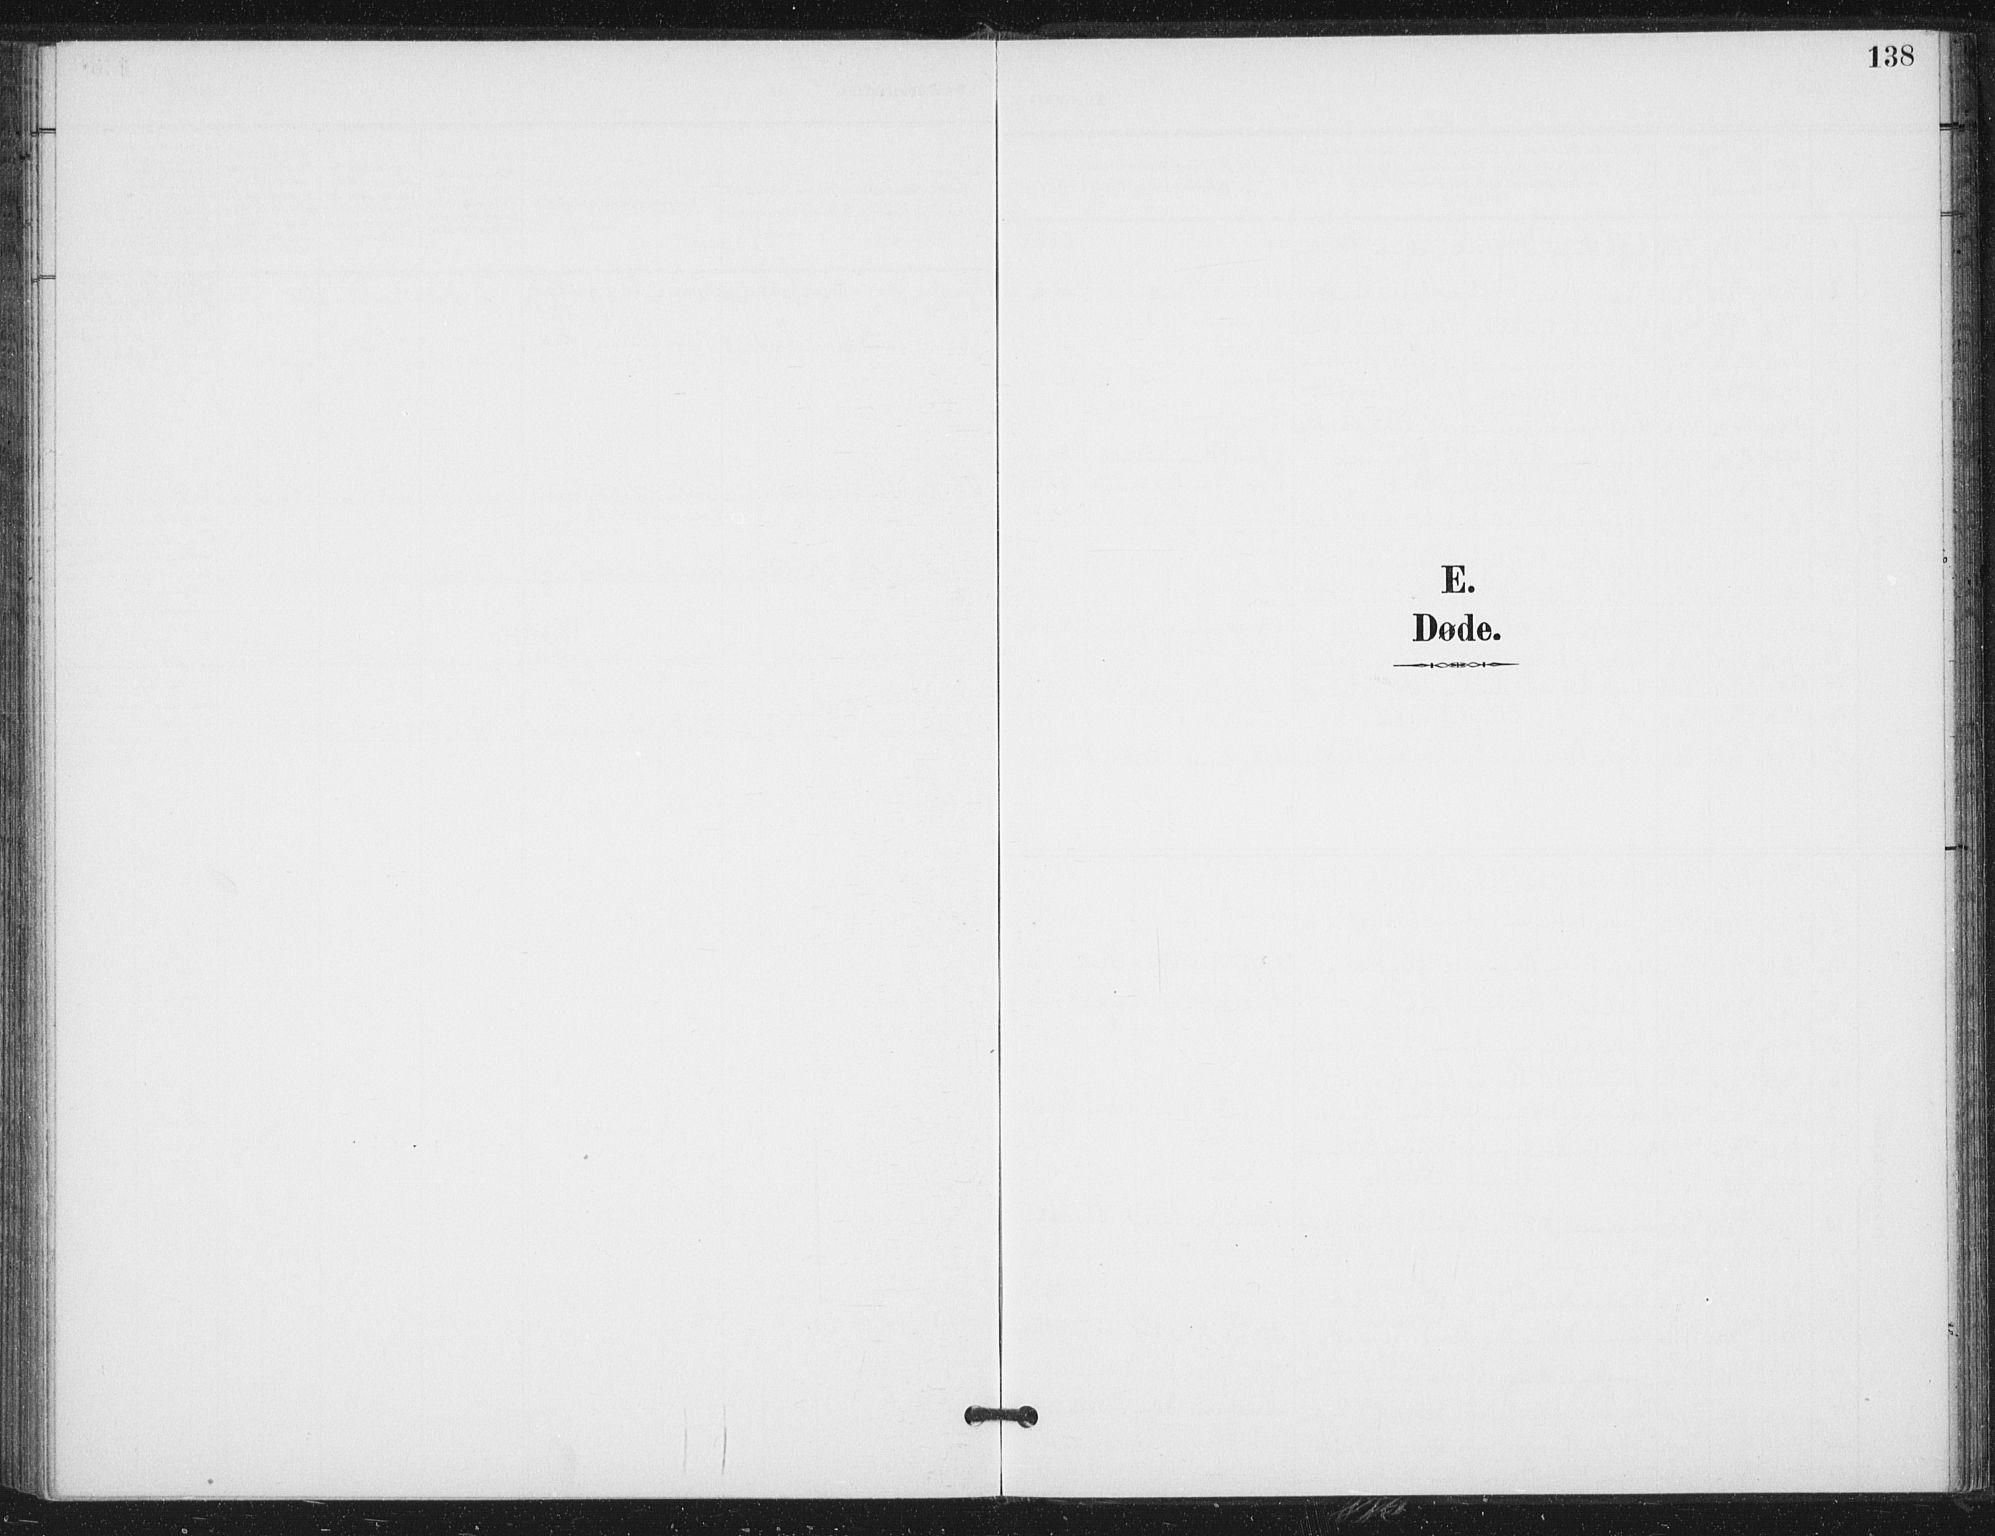 SAT, Ministerialprotokoller, klokkerbøker og fødselsregistre - Nord-Trøndelag, 714/L0131: Ministerialbok nr. 714A02, 1896-1918, s. 138